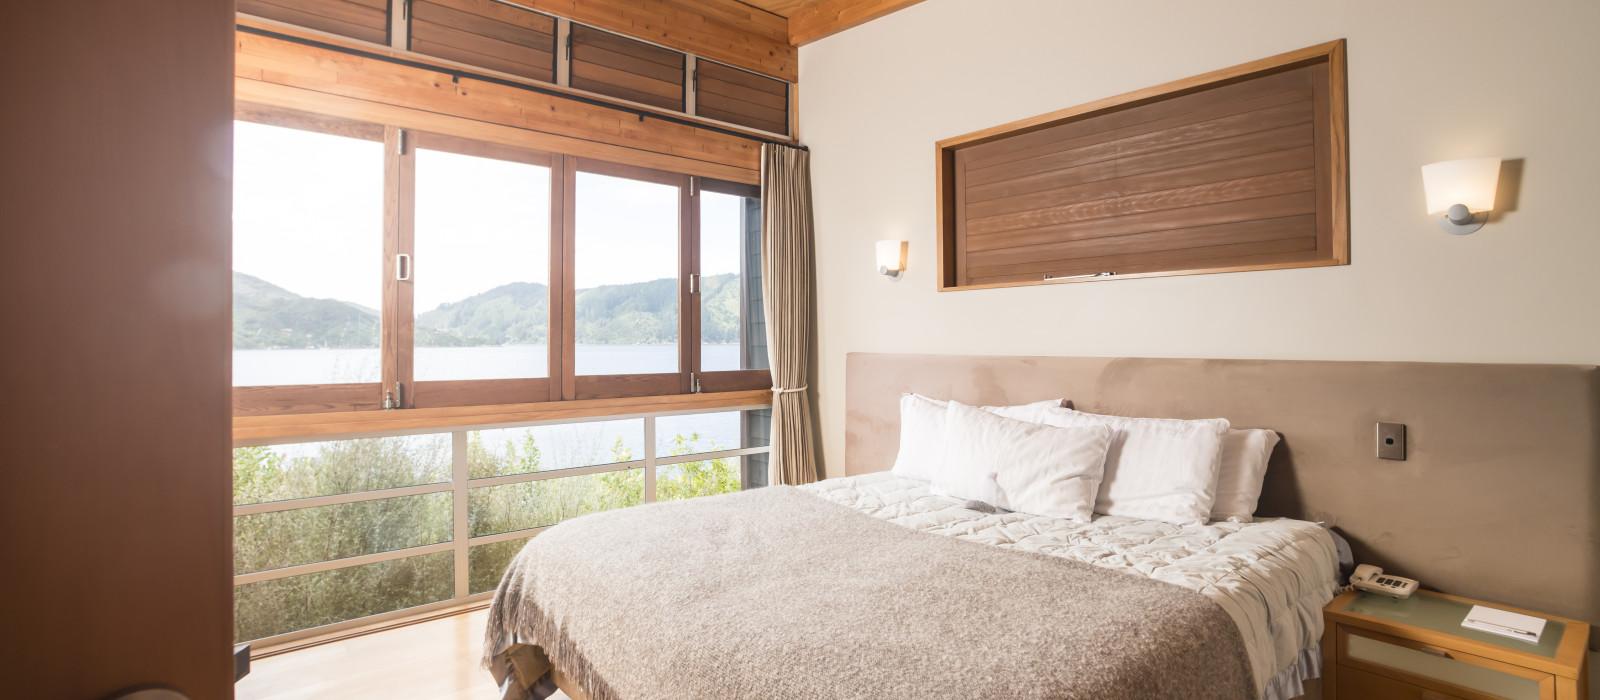 Hotel Bay of Many Coves Resort New Zealand